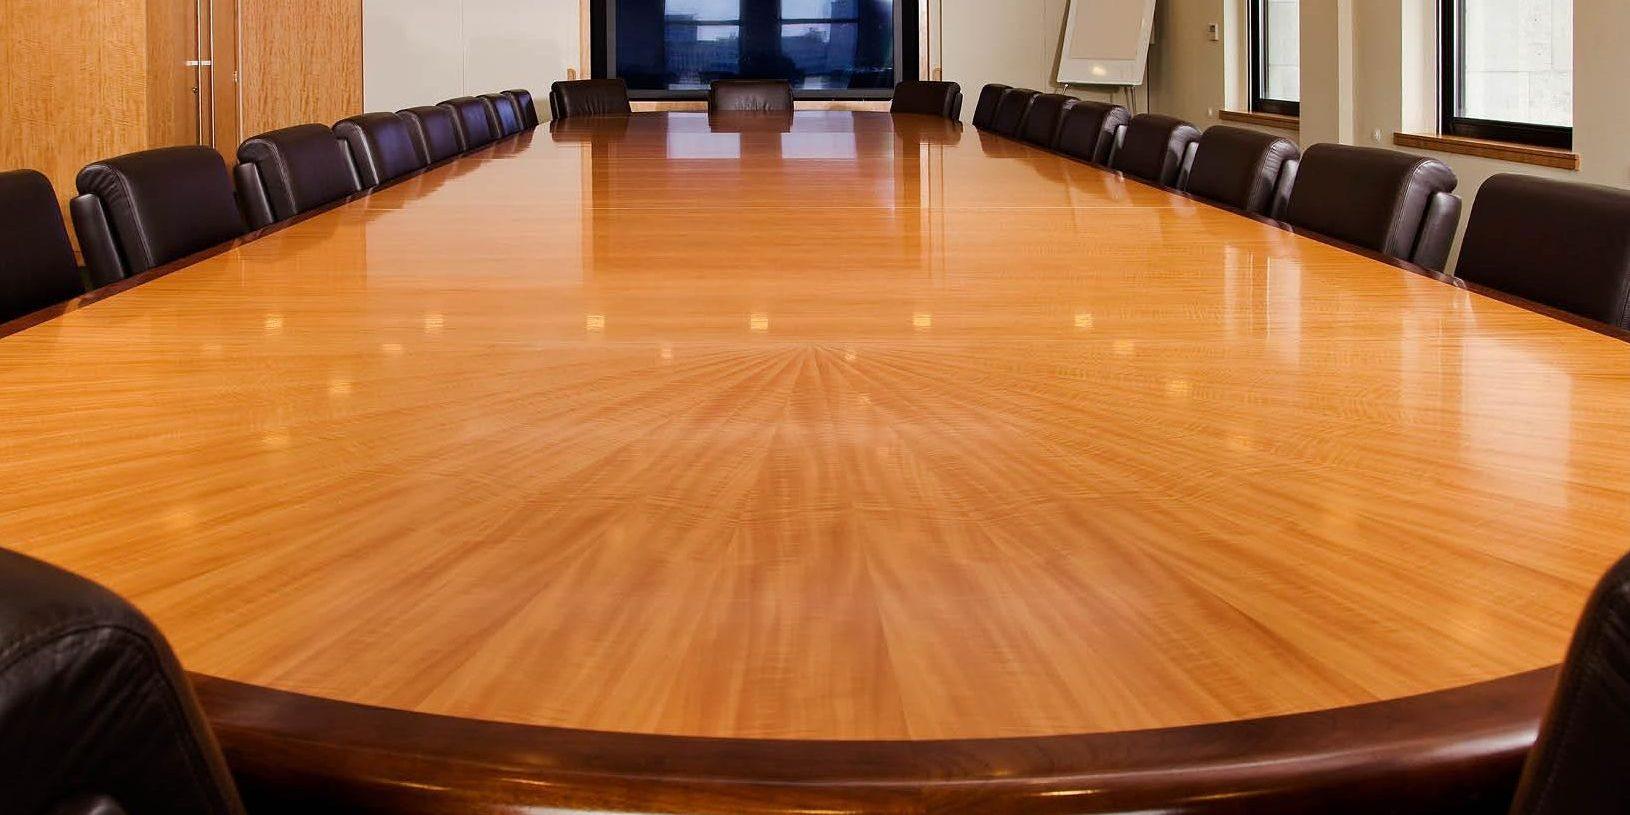 Directors' Meeting Online